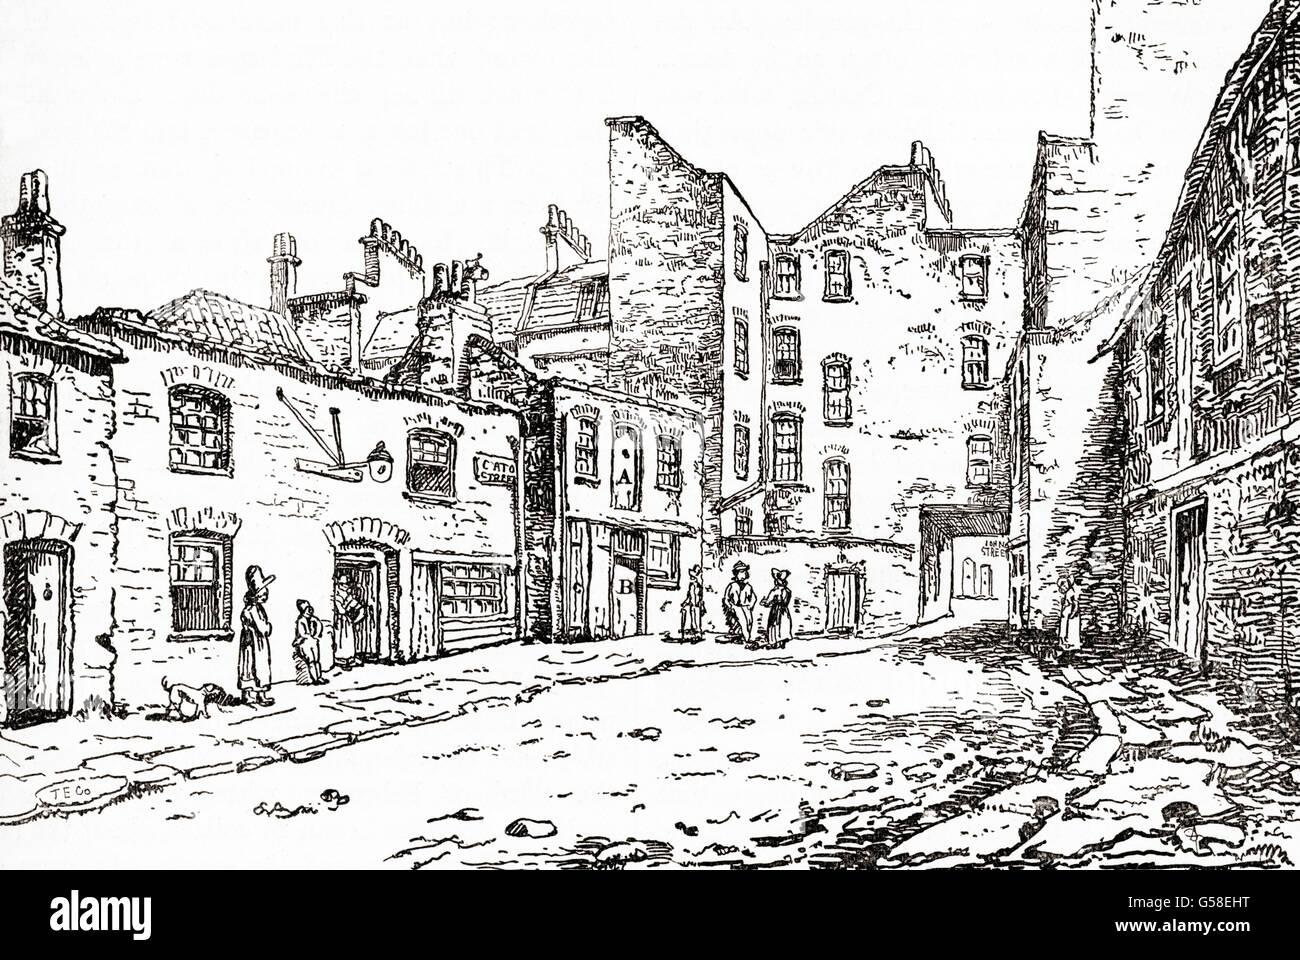 Blick auf Cato Street, London, England im 19. Jahrhundert zeigt den Stall, in dem die Verschwörer erfasst wurden. Stockbild